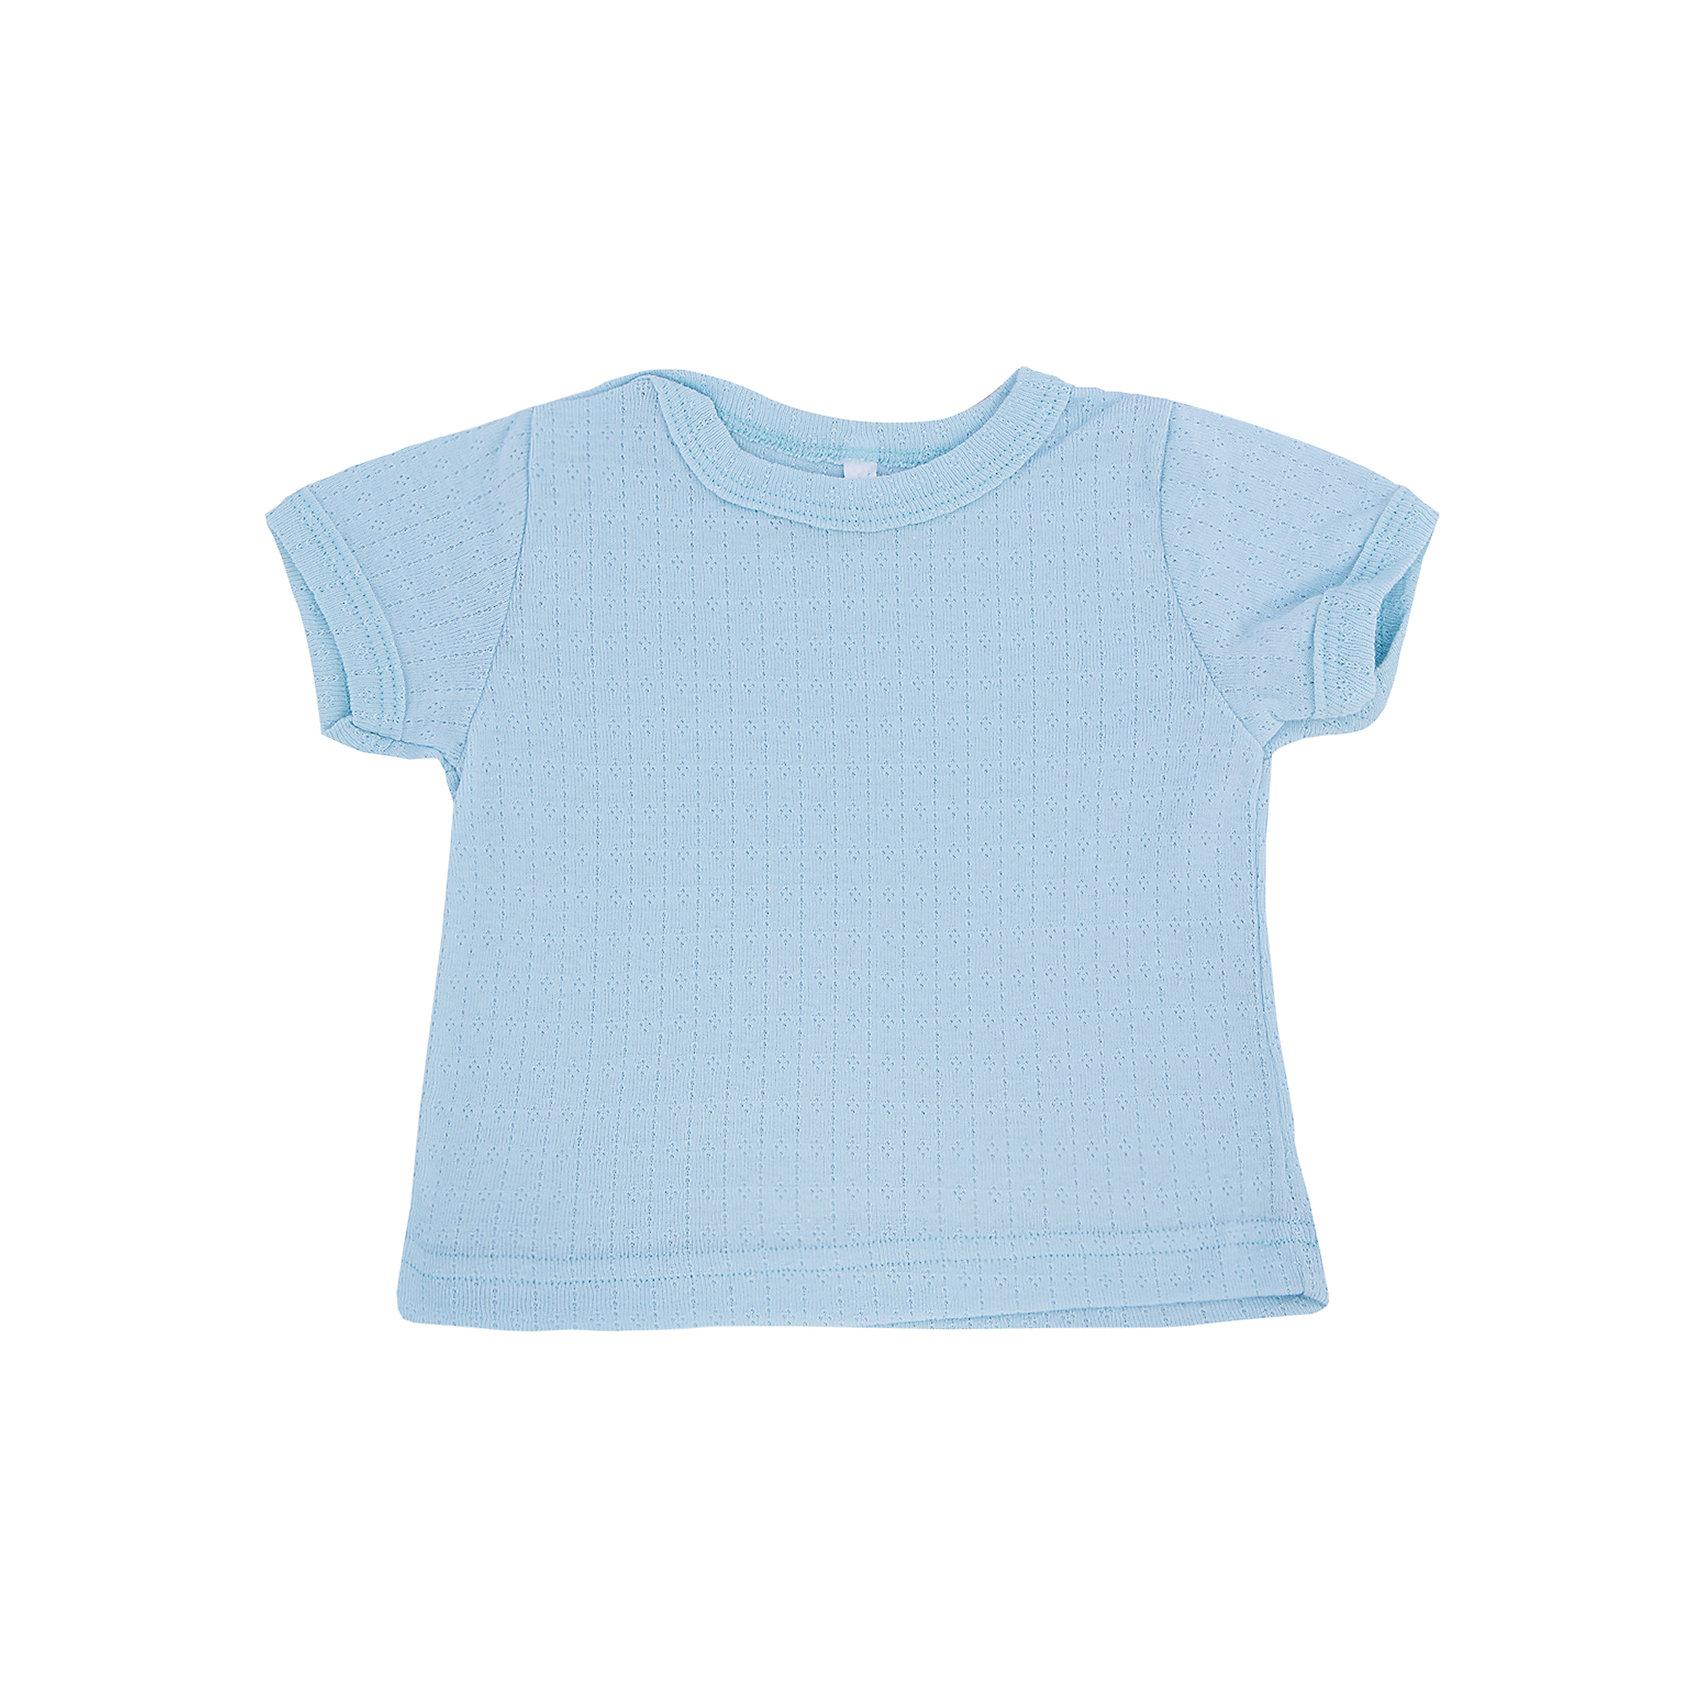 Футболка для мальчика Soni KidsФутболки, топы<br>Футболка для мальчика Soni Kids(сони кидс).<br>Модель с короткими рукавами изготовлена из качественных дышащих материалов. Нежный цвет футболки будет очень красиво смотреться на юном джентльмене.<br>Особенности:<br>-короткие рукава<br>Состав: 100% хлопок<br>Футболку Soni Kids(сони кидс) можно приобрести в нашем интернет-магазине.<br><br>Ширина мм: 157<br>Глубина мм: 13<br>Высота мм: 119<br>Вес г: 200<br>Цвет: голубой<br>Возраст от месяцев: 6<br>Возраст до месяцев: 9<br>Пол: Мужской<br>Возраст: Детский<br>Размер: 74,86,92,80,62,68<br>SKU: 4874741